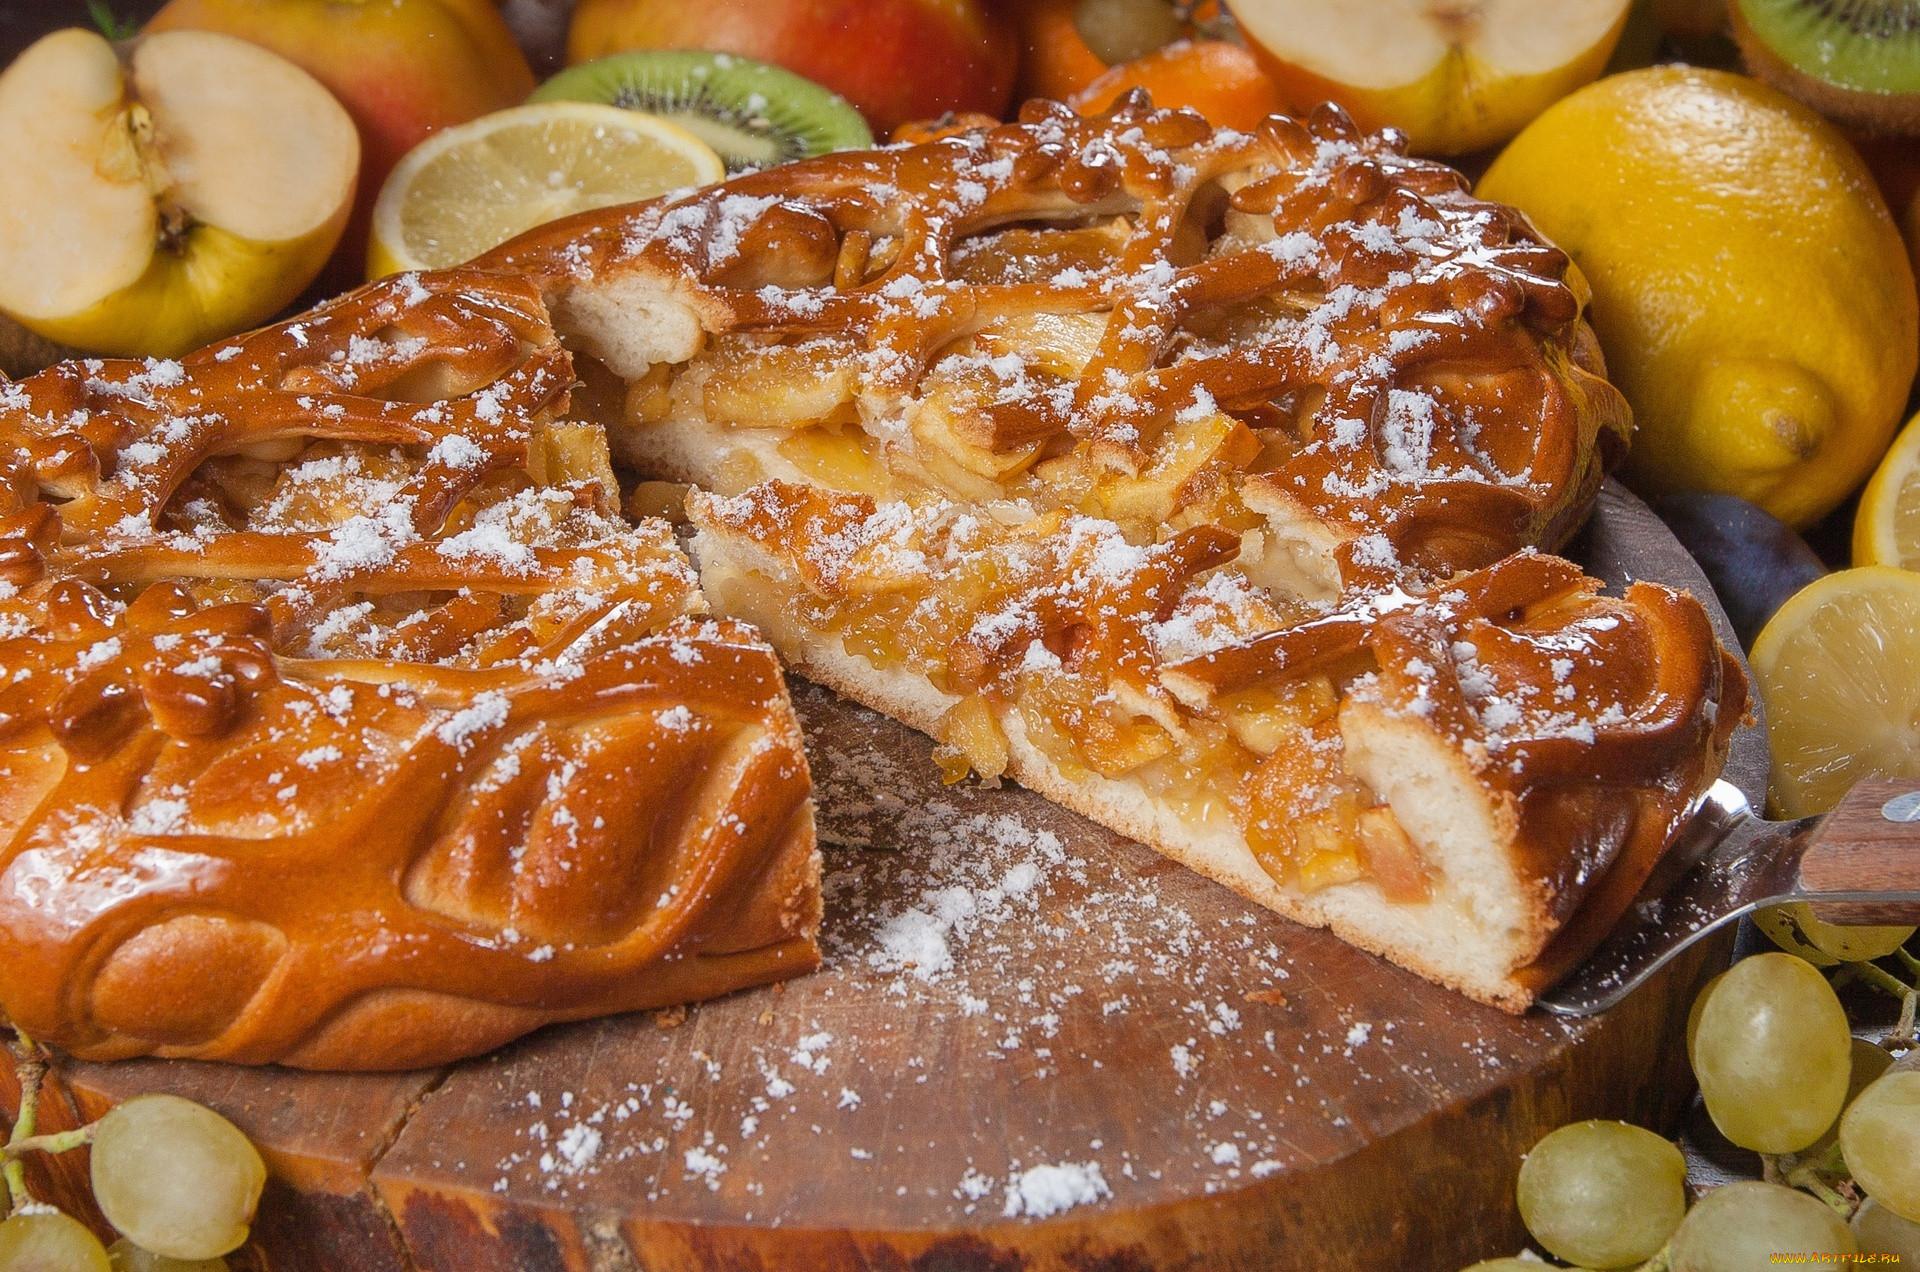 тех, пироги с яблоками с картинками студии вас приятно